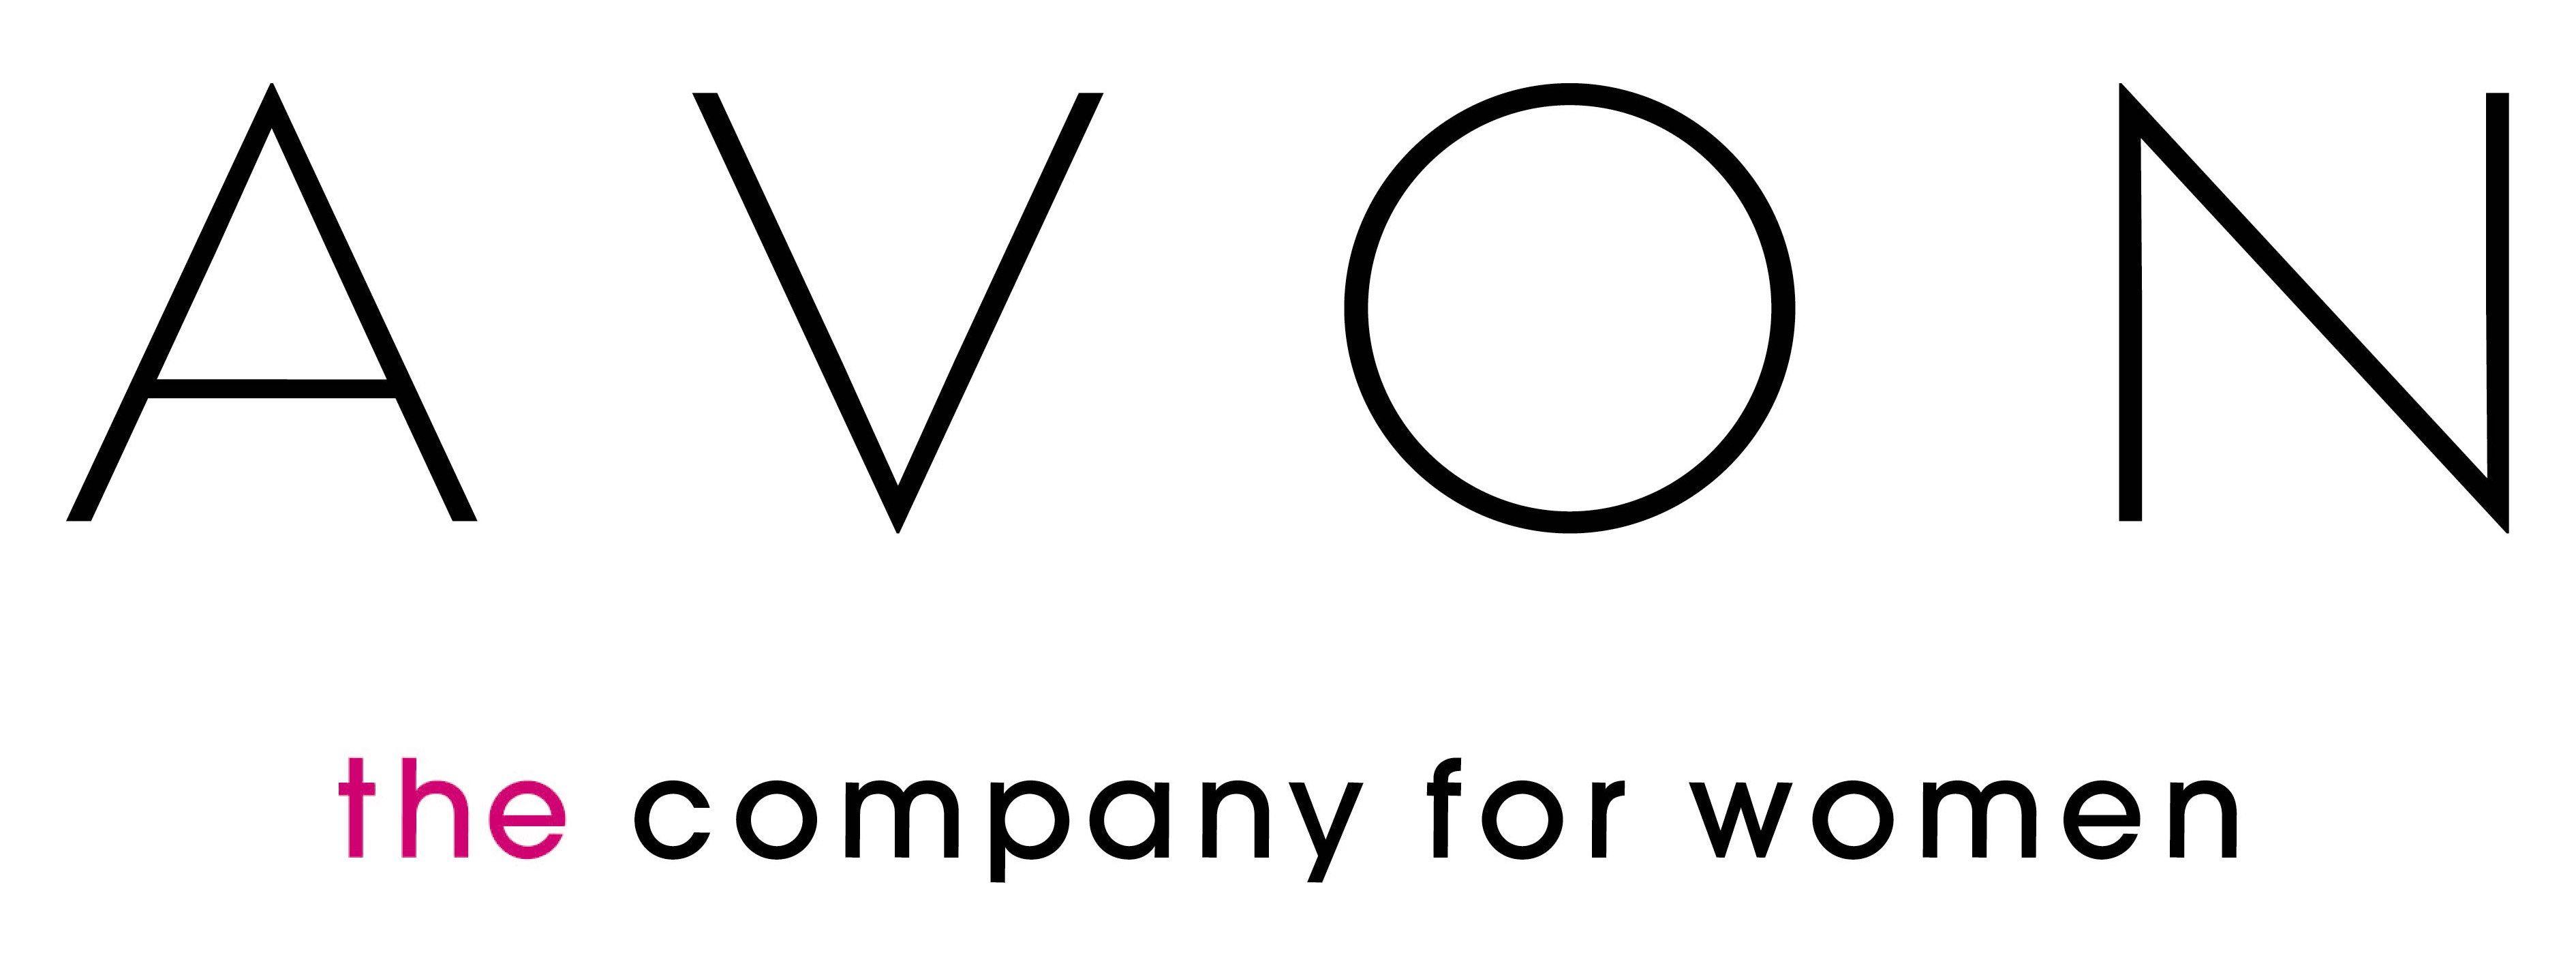 avon-rep-logo